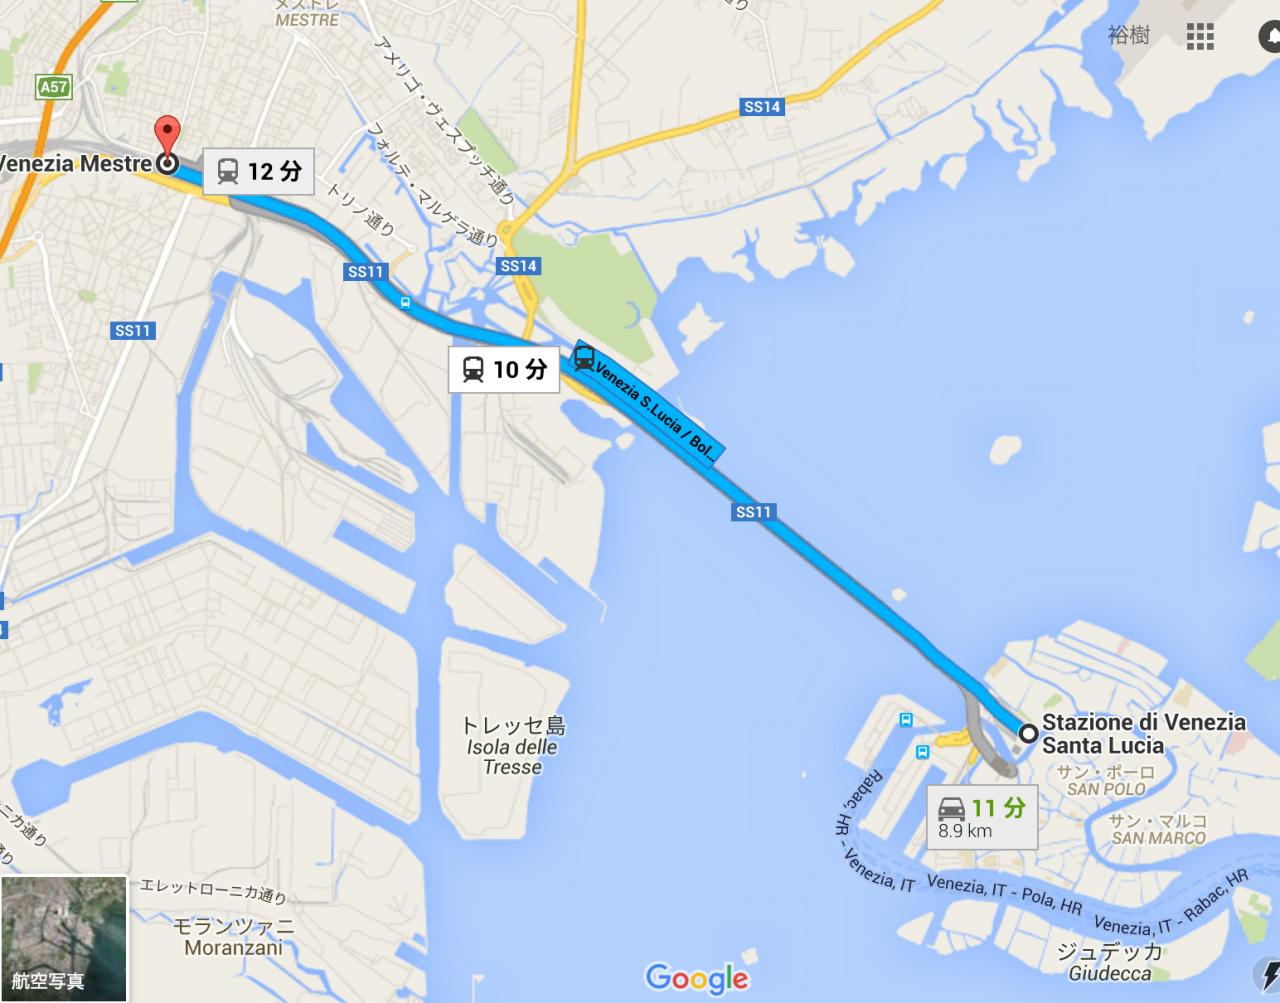 ベネチア本島のサンタルチア駅からは1駅。列車に乗ればすぐに水の都です。